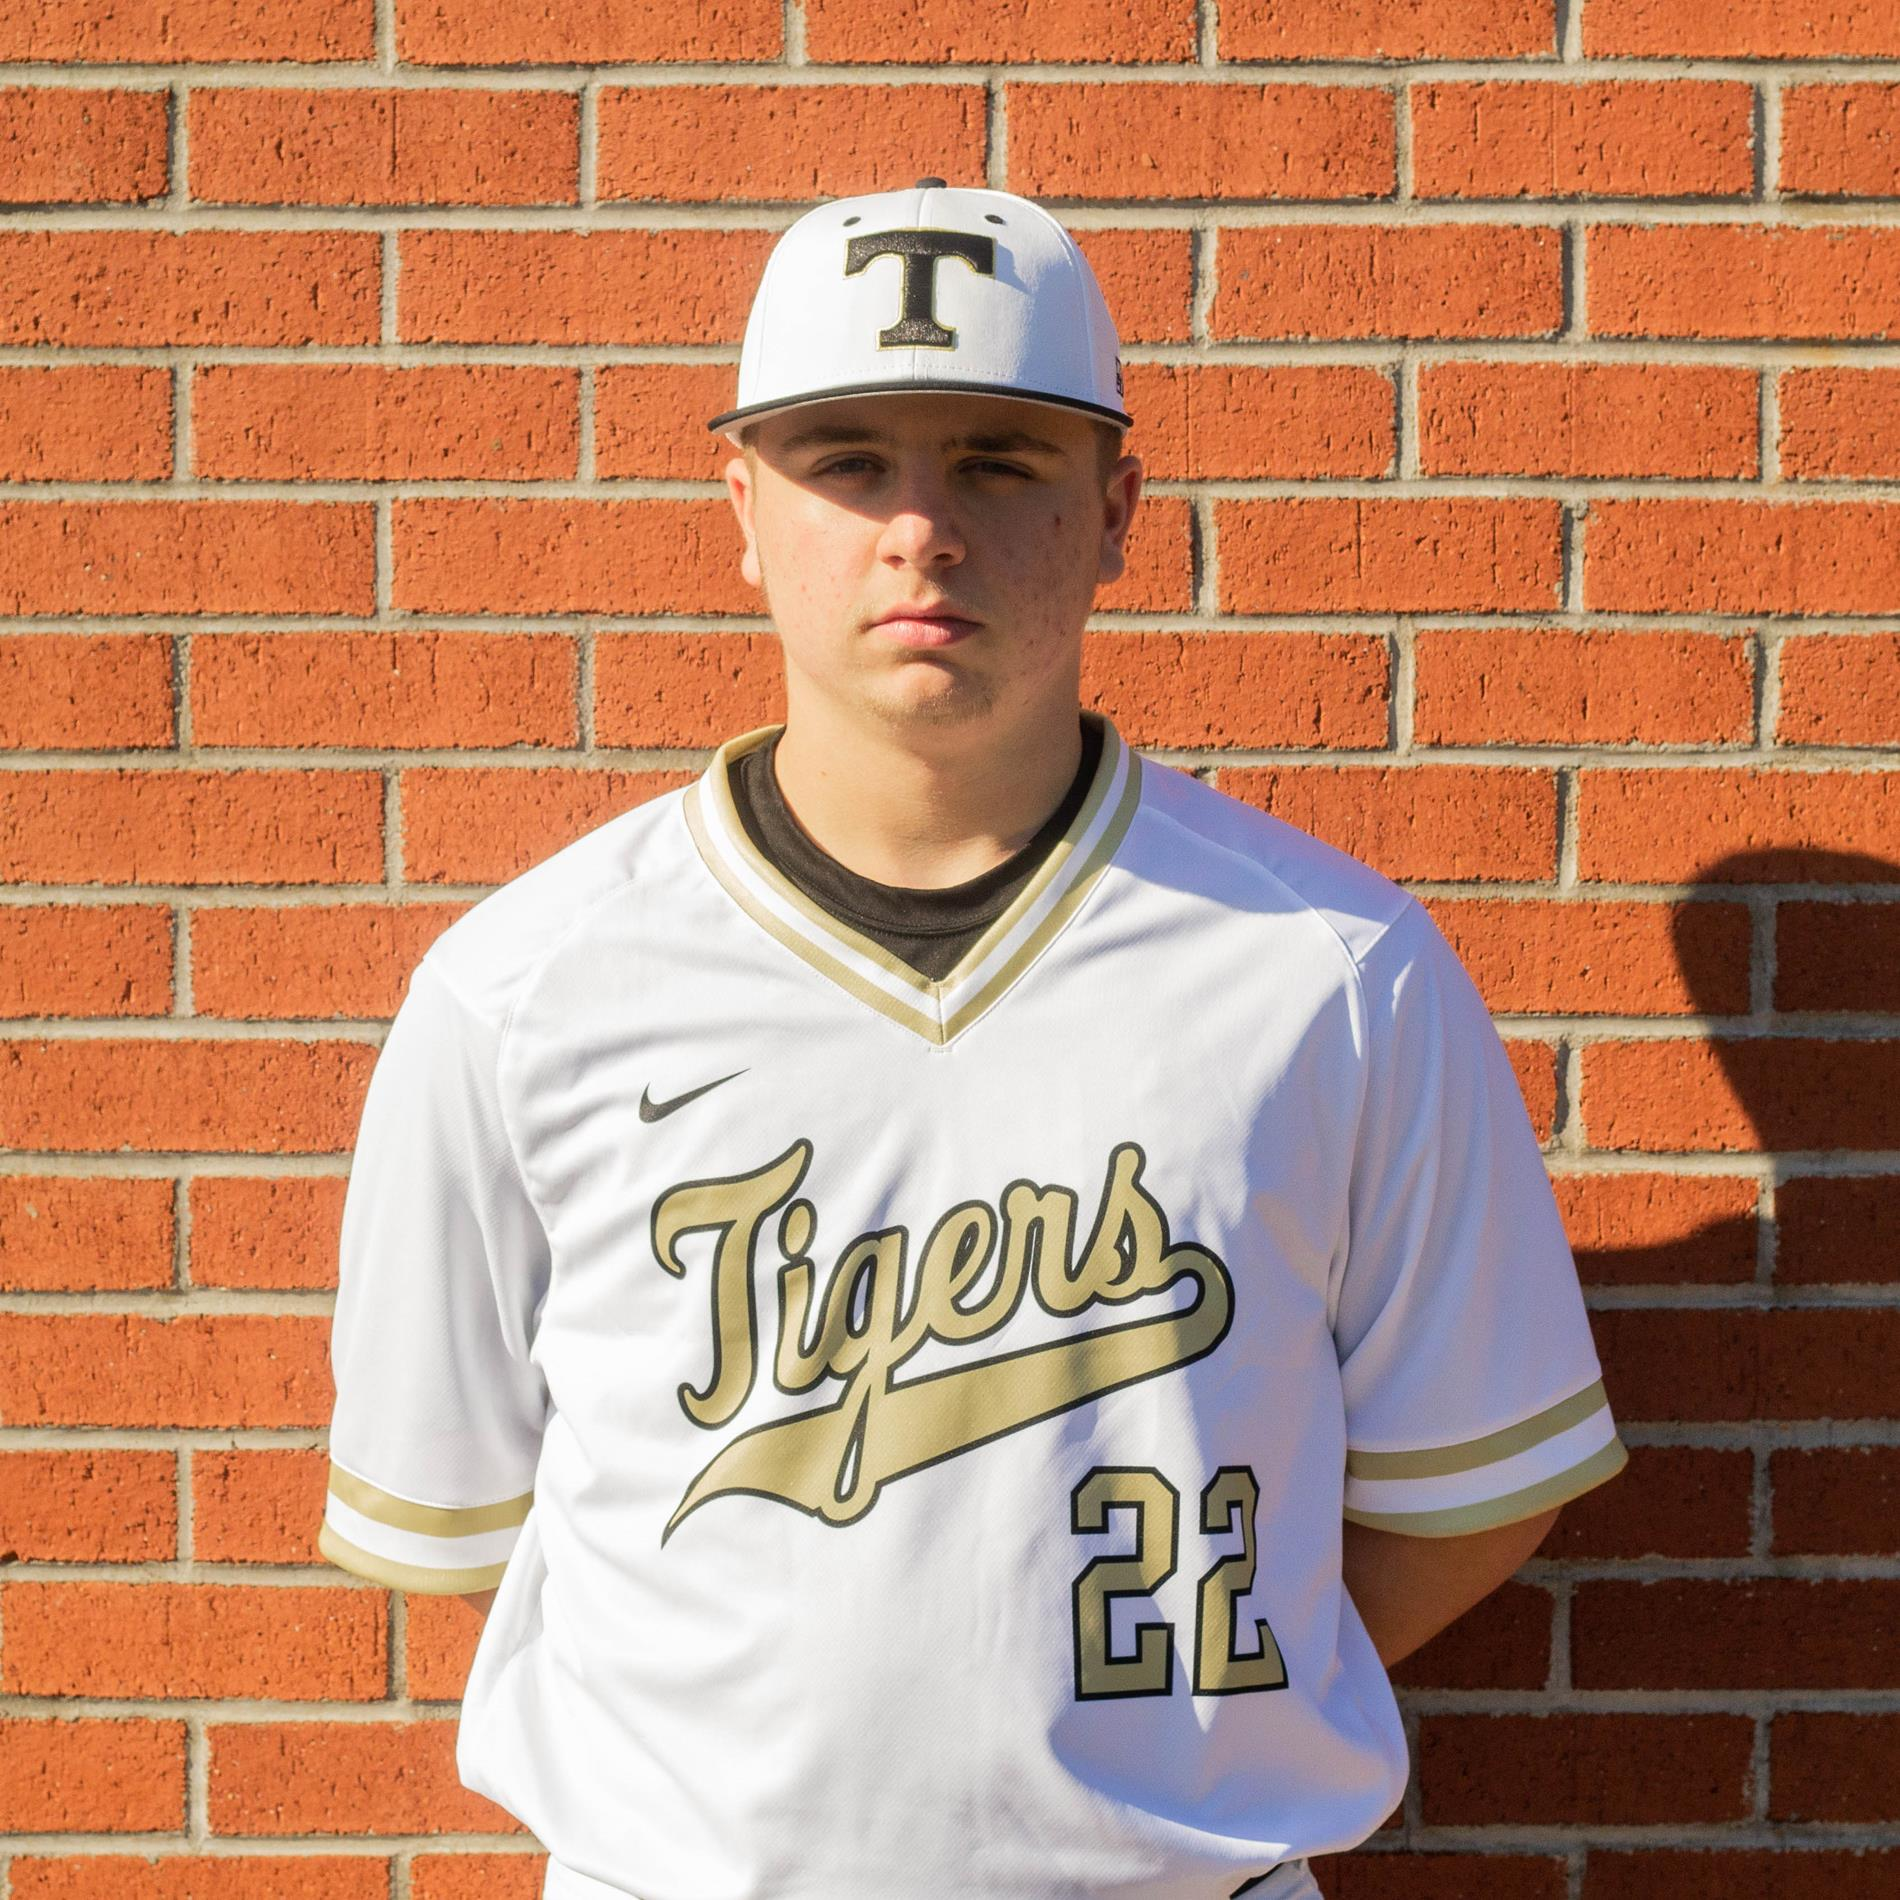 # 22 Thomas Rowlin